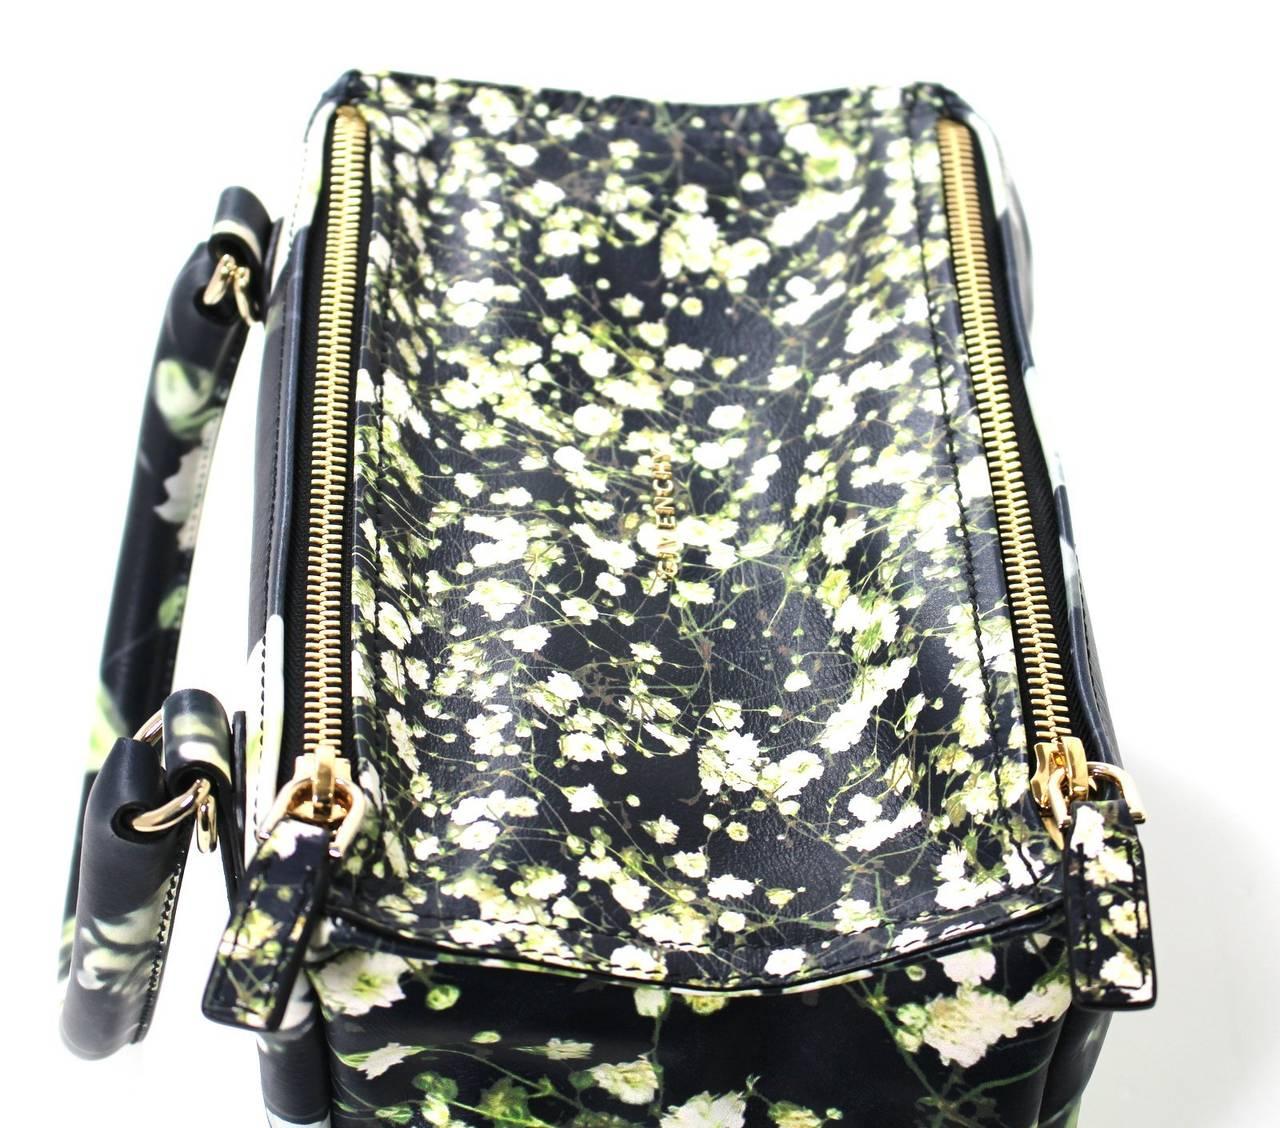 Givenchy Black Leather Babys Breath Pandora Messenger Bag 7